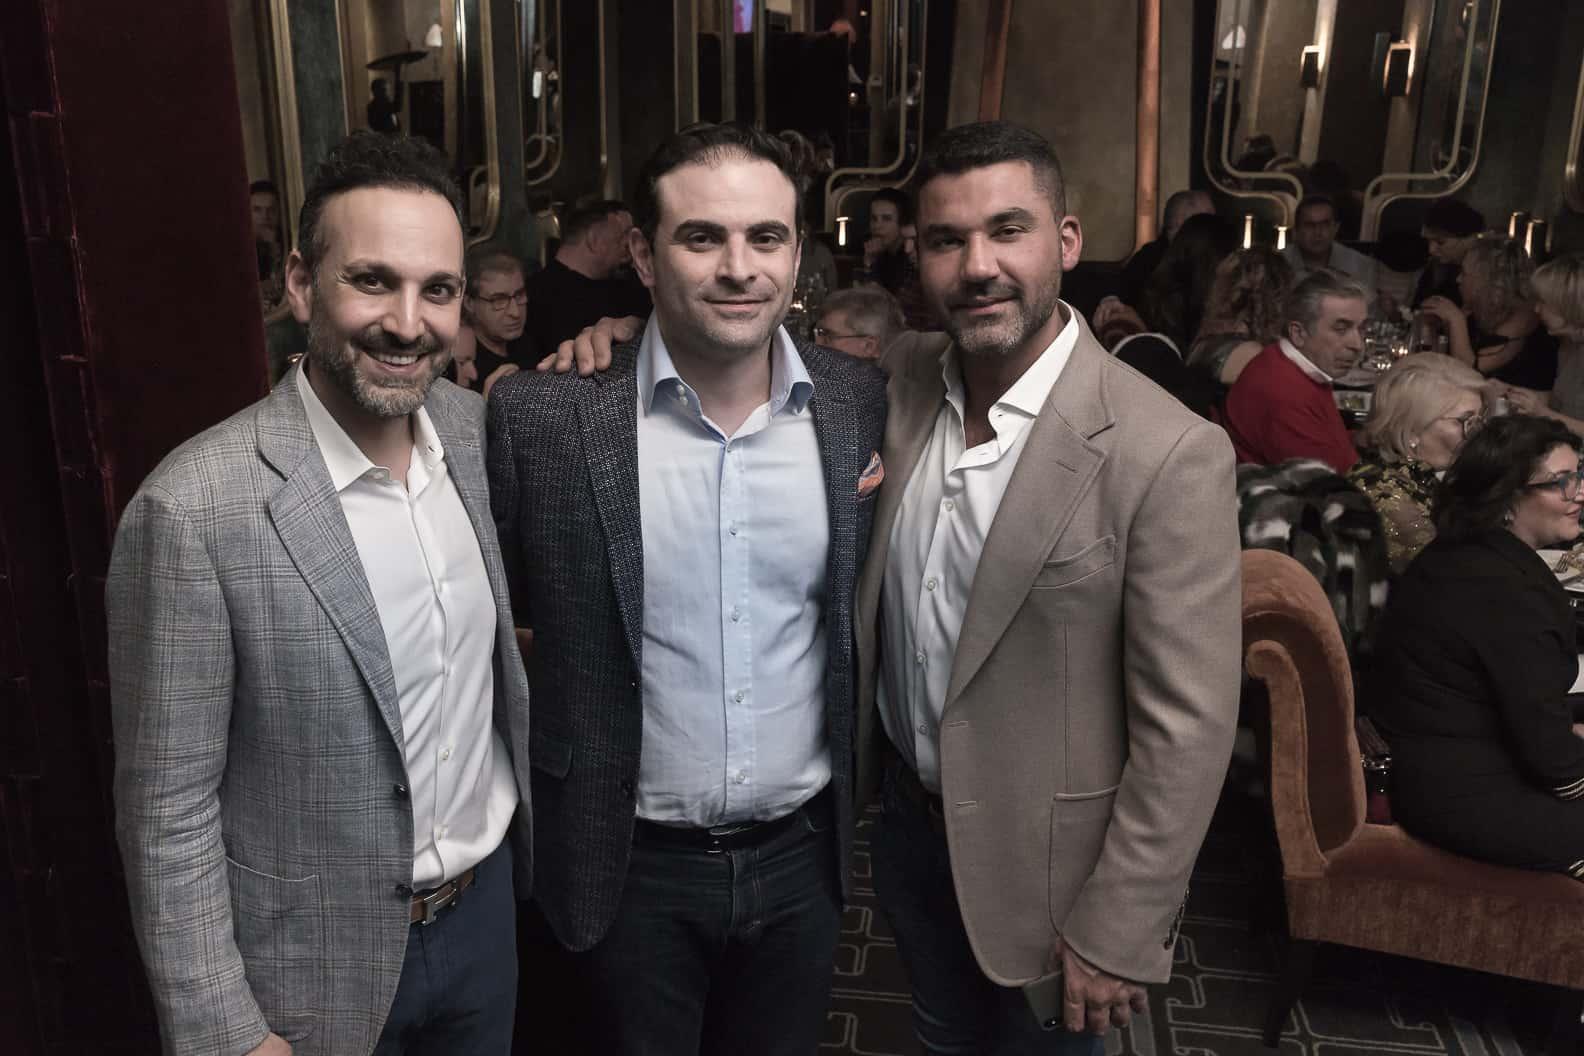 מימין ארין חושבין מחברת רבנס במרכז גבריאל חנני מנכל פרומדיקס ומר קאשה איגניאן מחברת רבנס width=